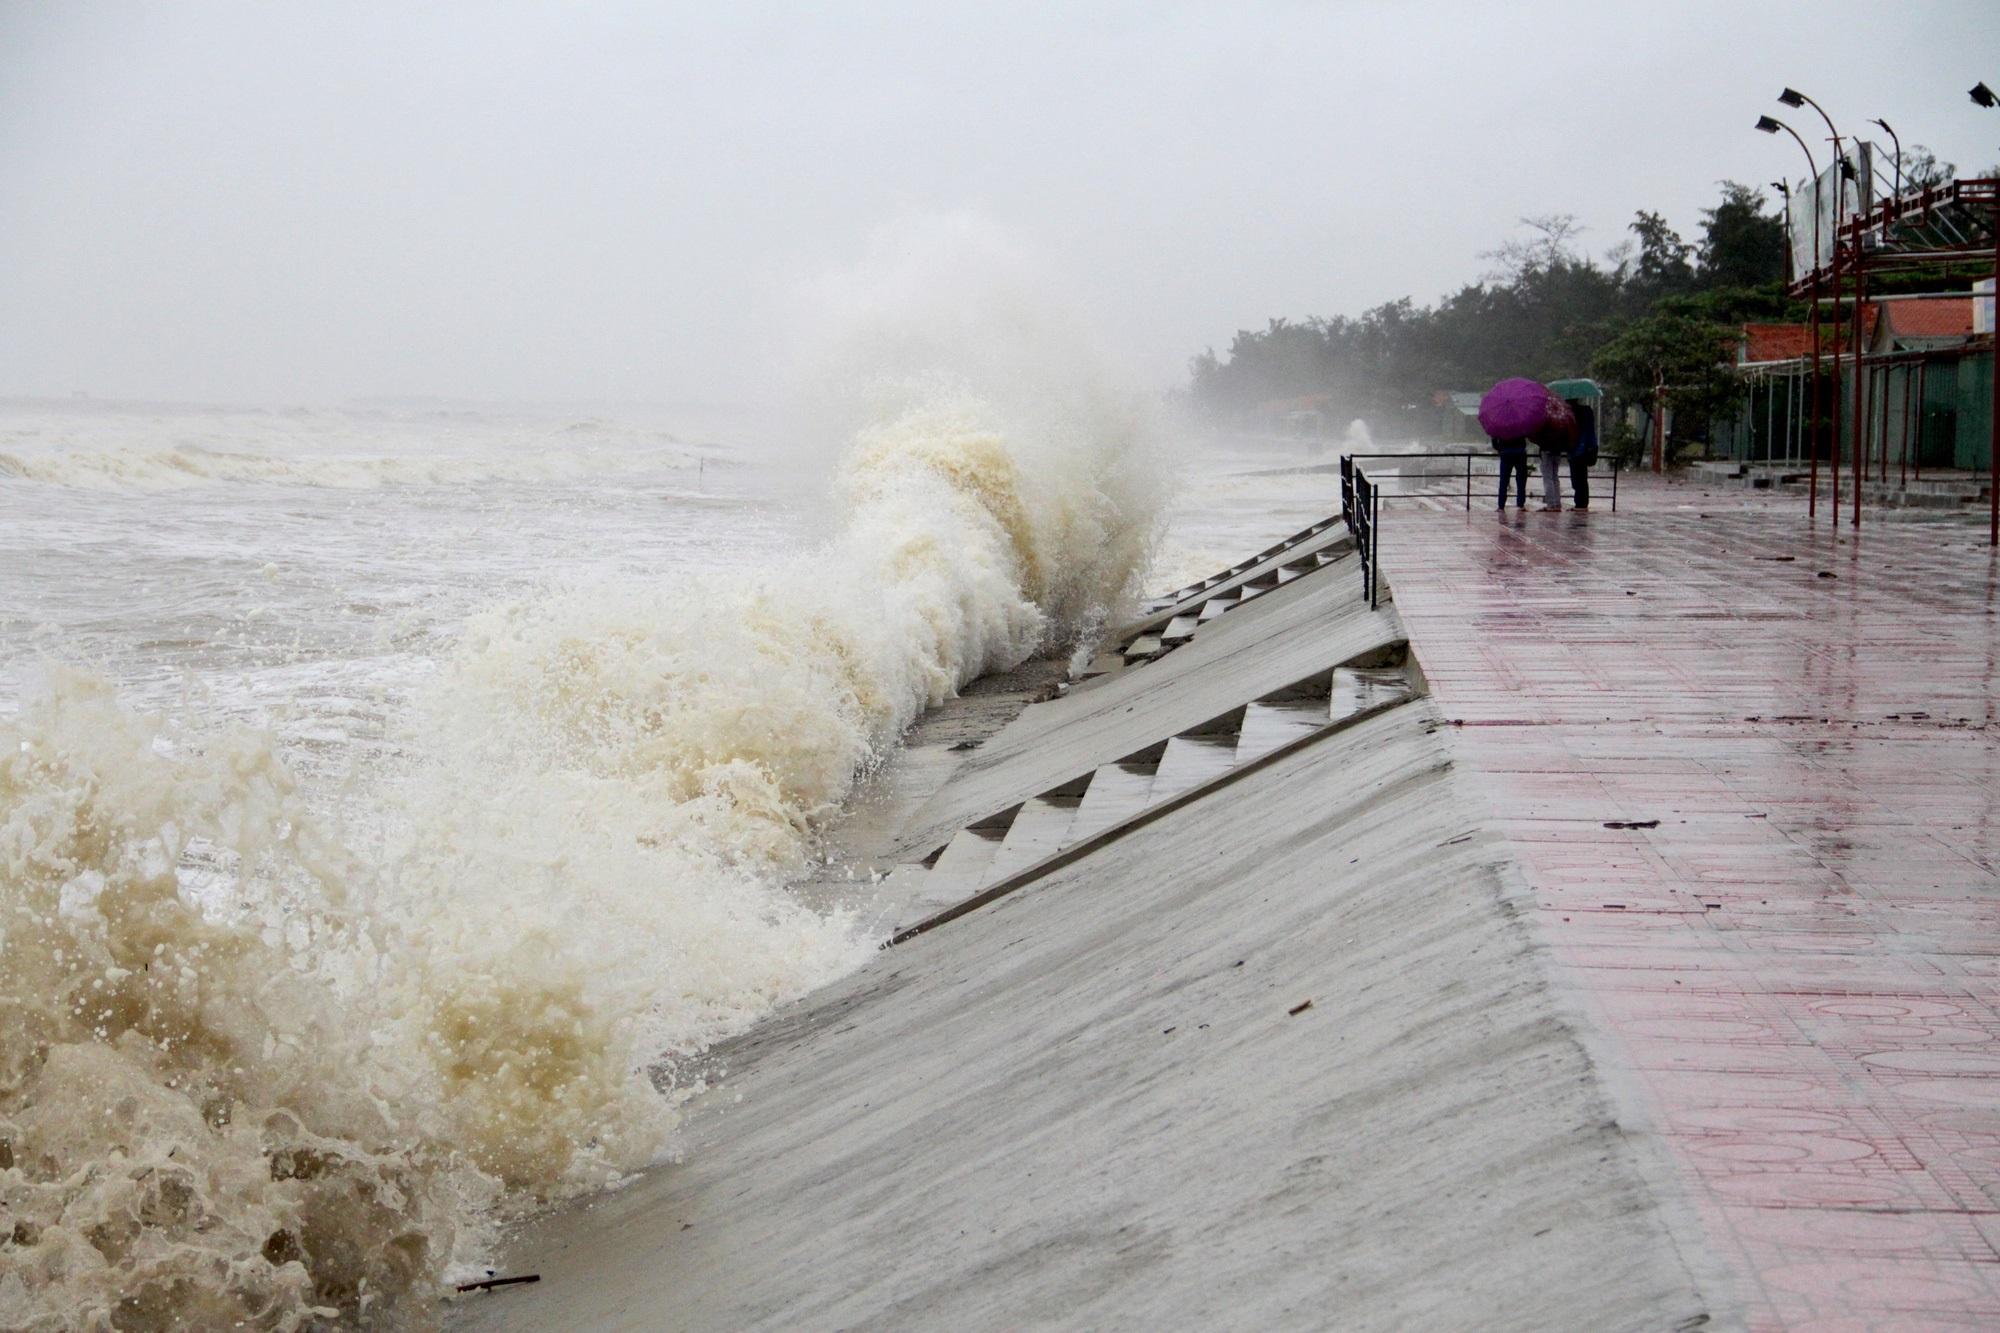 Bão số 8: Sóng cao 5m đang đánh vào bờ biển Nghệ An, hàng trăm khối đất đá sạt lở, đổ xuống quốc lộ - Ảnh 7